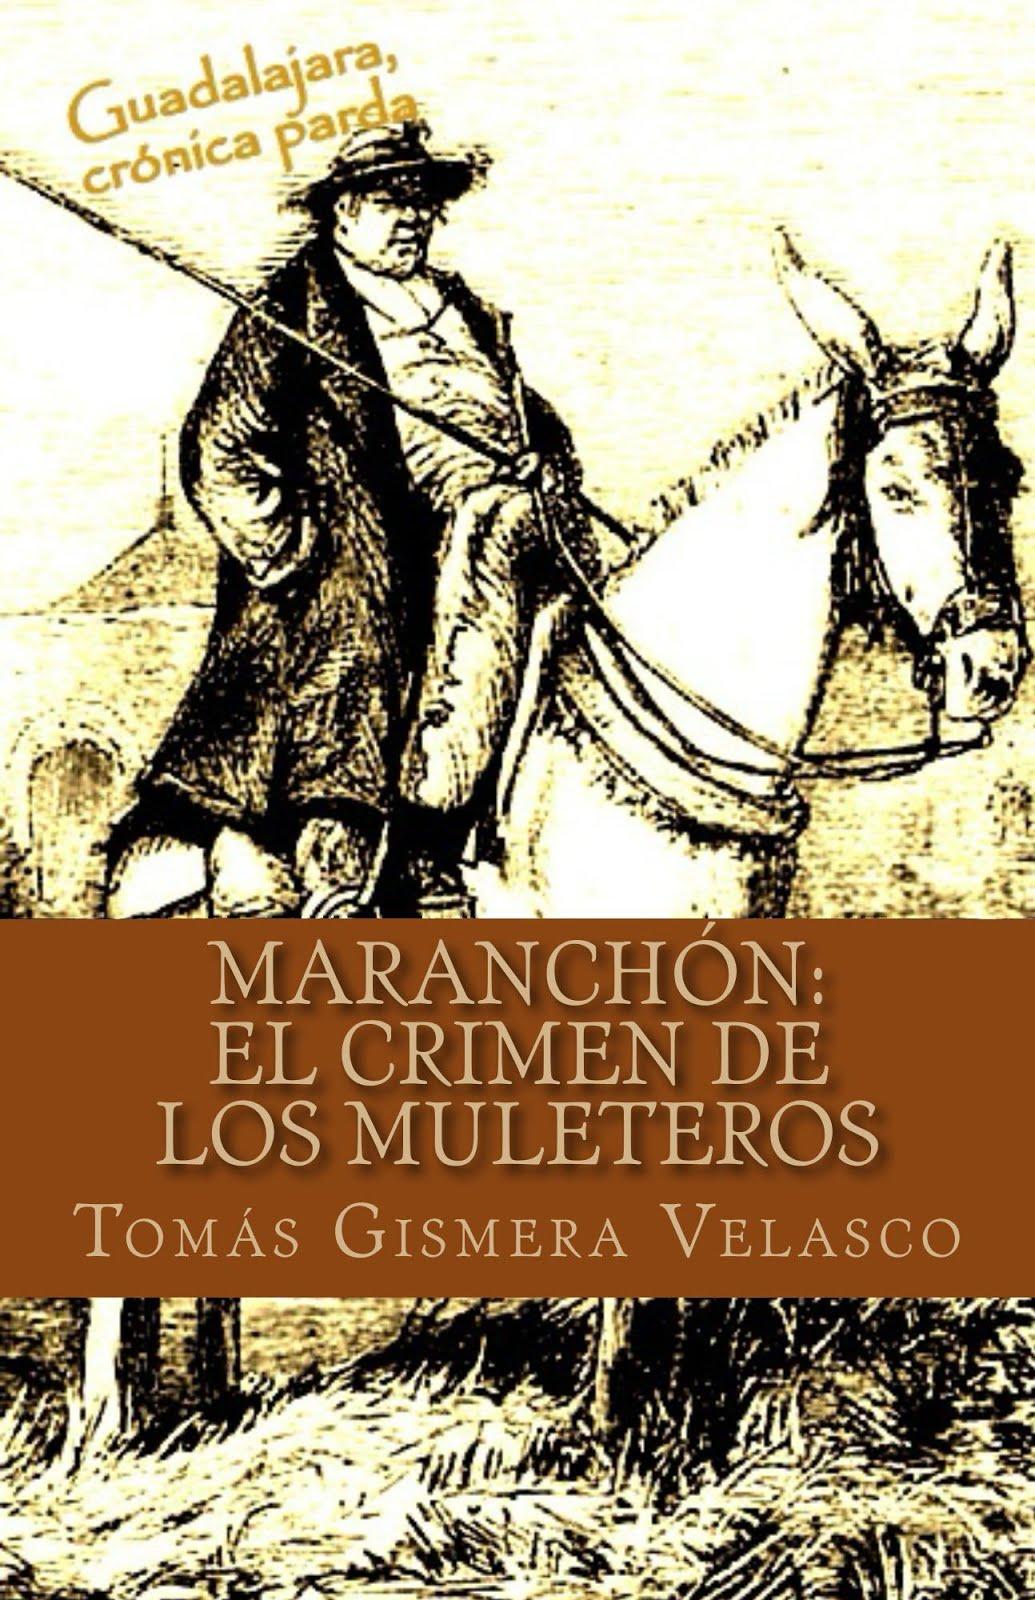 Los libros de la Crónica, de Tomás Gismera